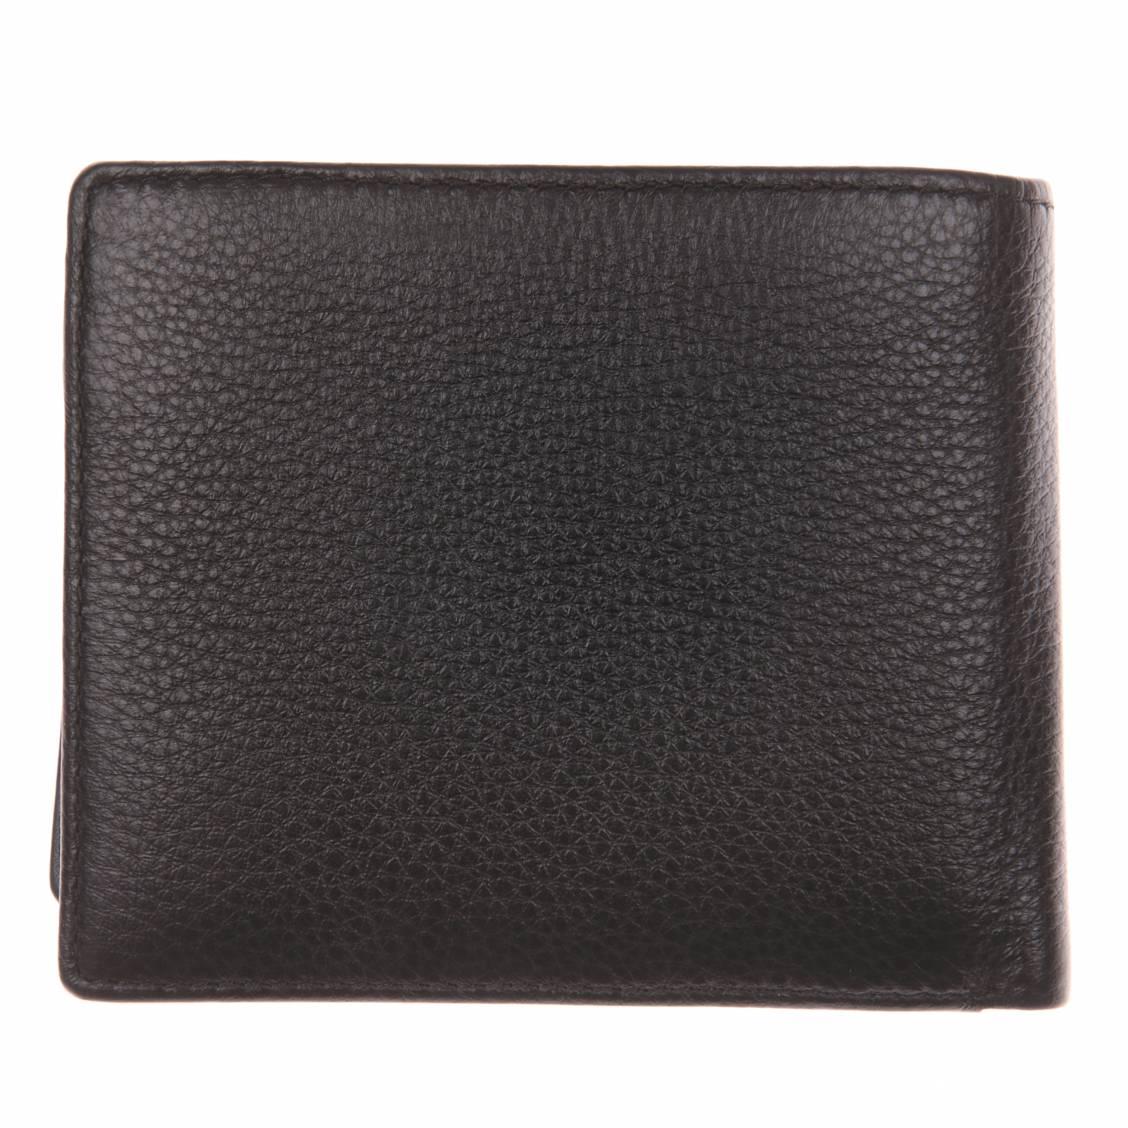 Portefeuille homme toute la collection de portefeuilles en cuir homme rue des hommes - Portefeuille cuir homme avec porte monnaie ...